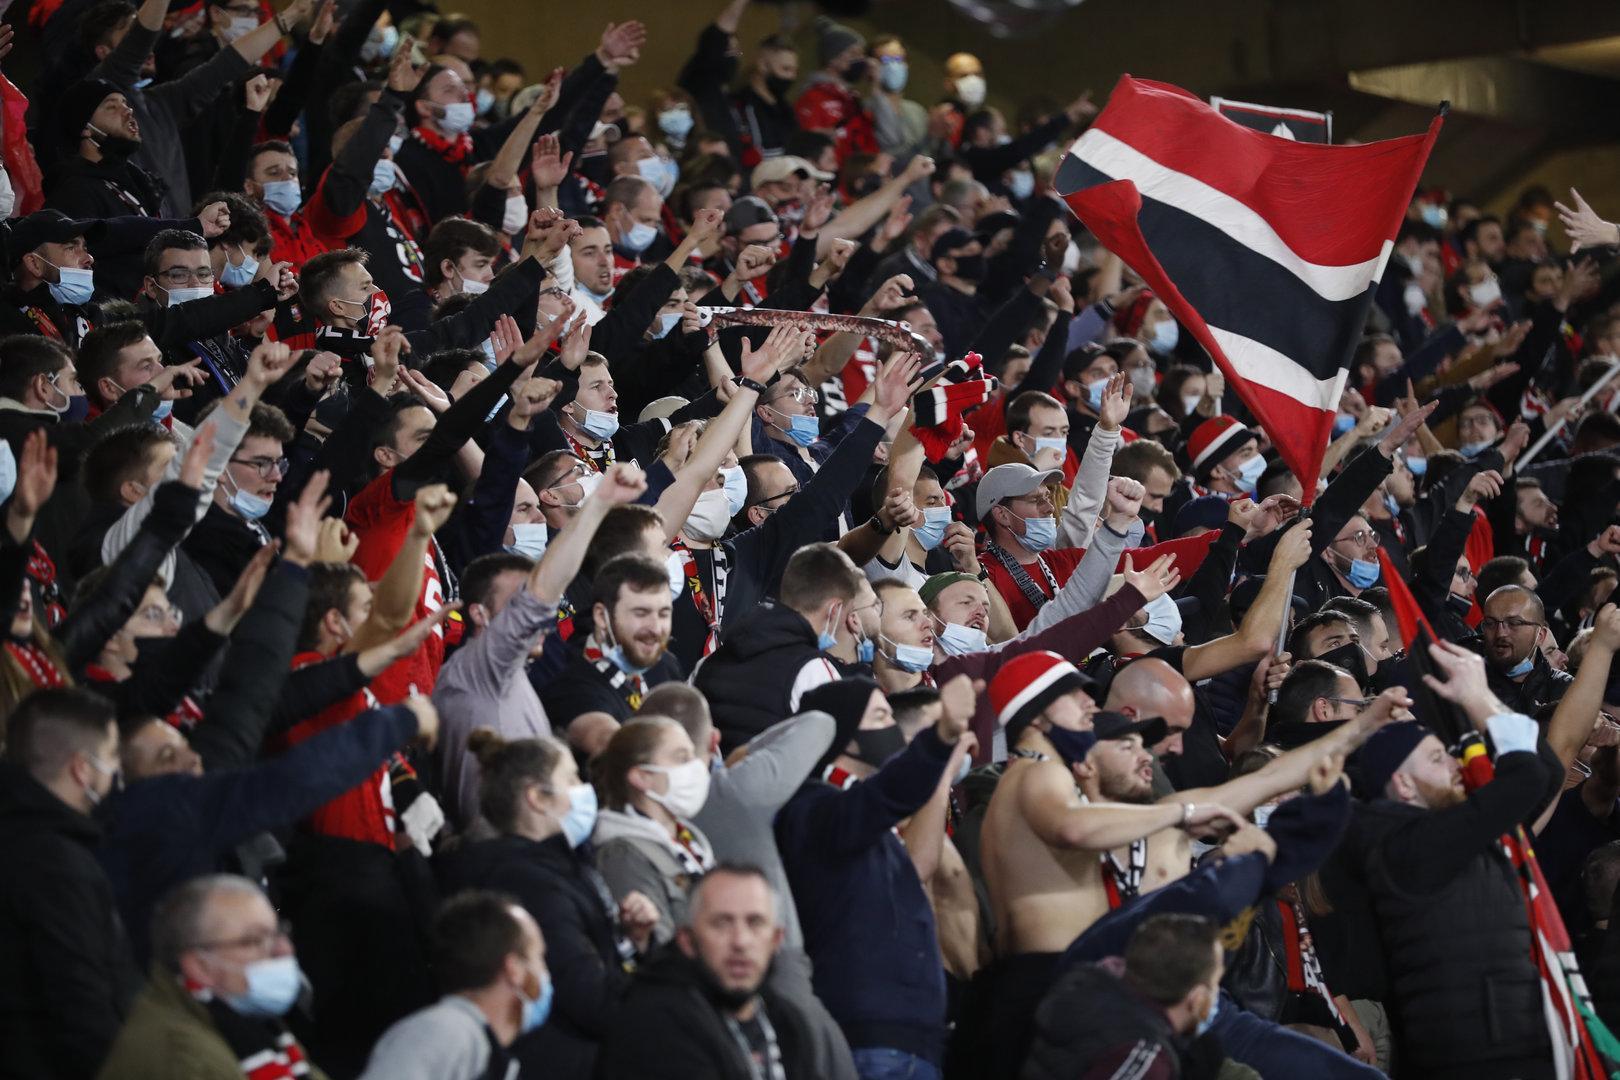 Corona-Verstöße? Die UEFA ermittelt gegen Stade Rennes